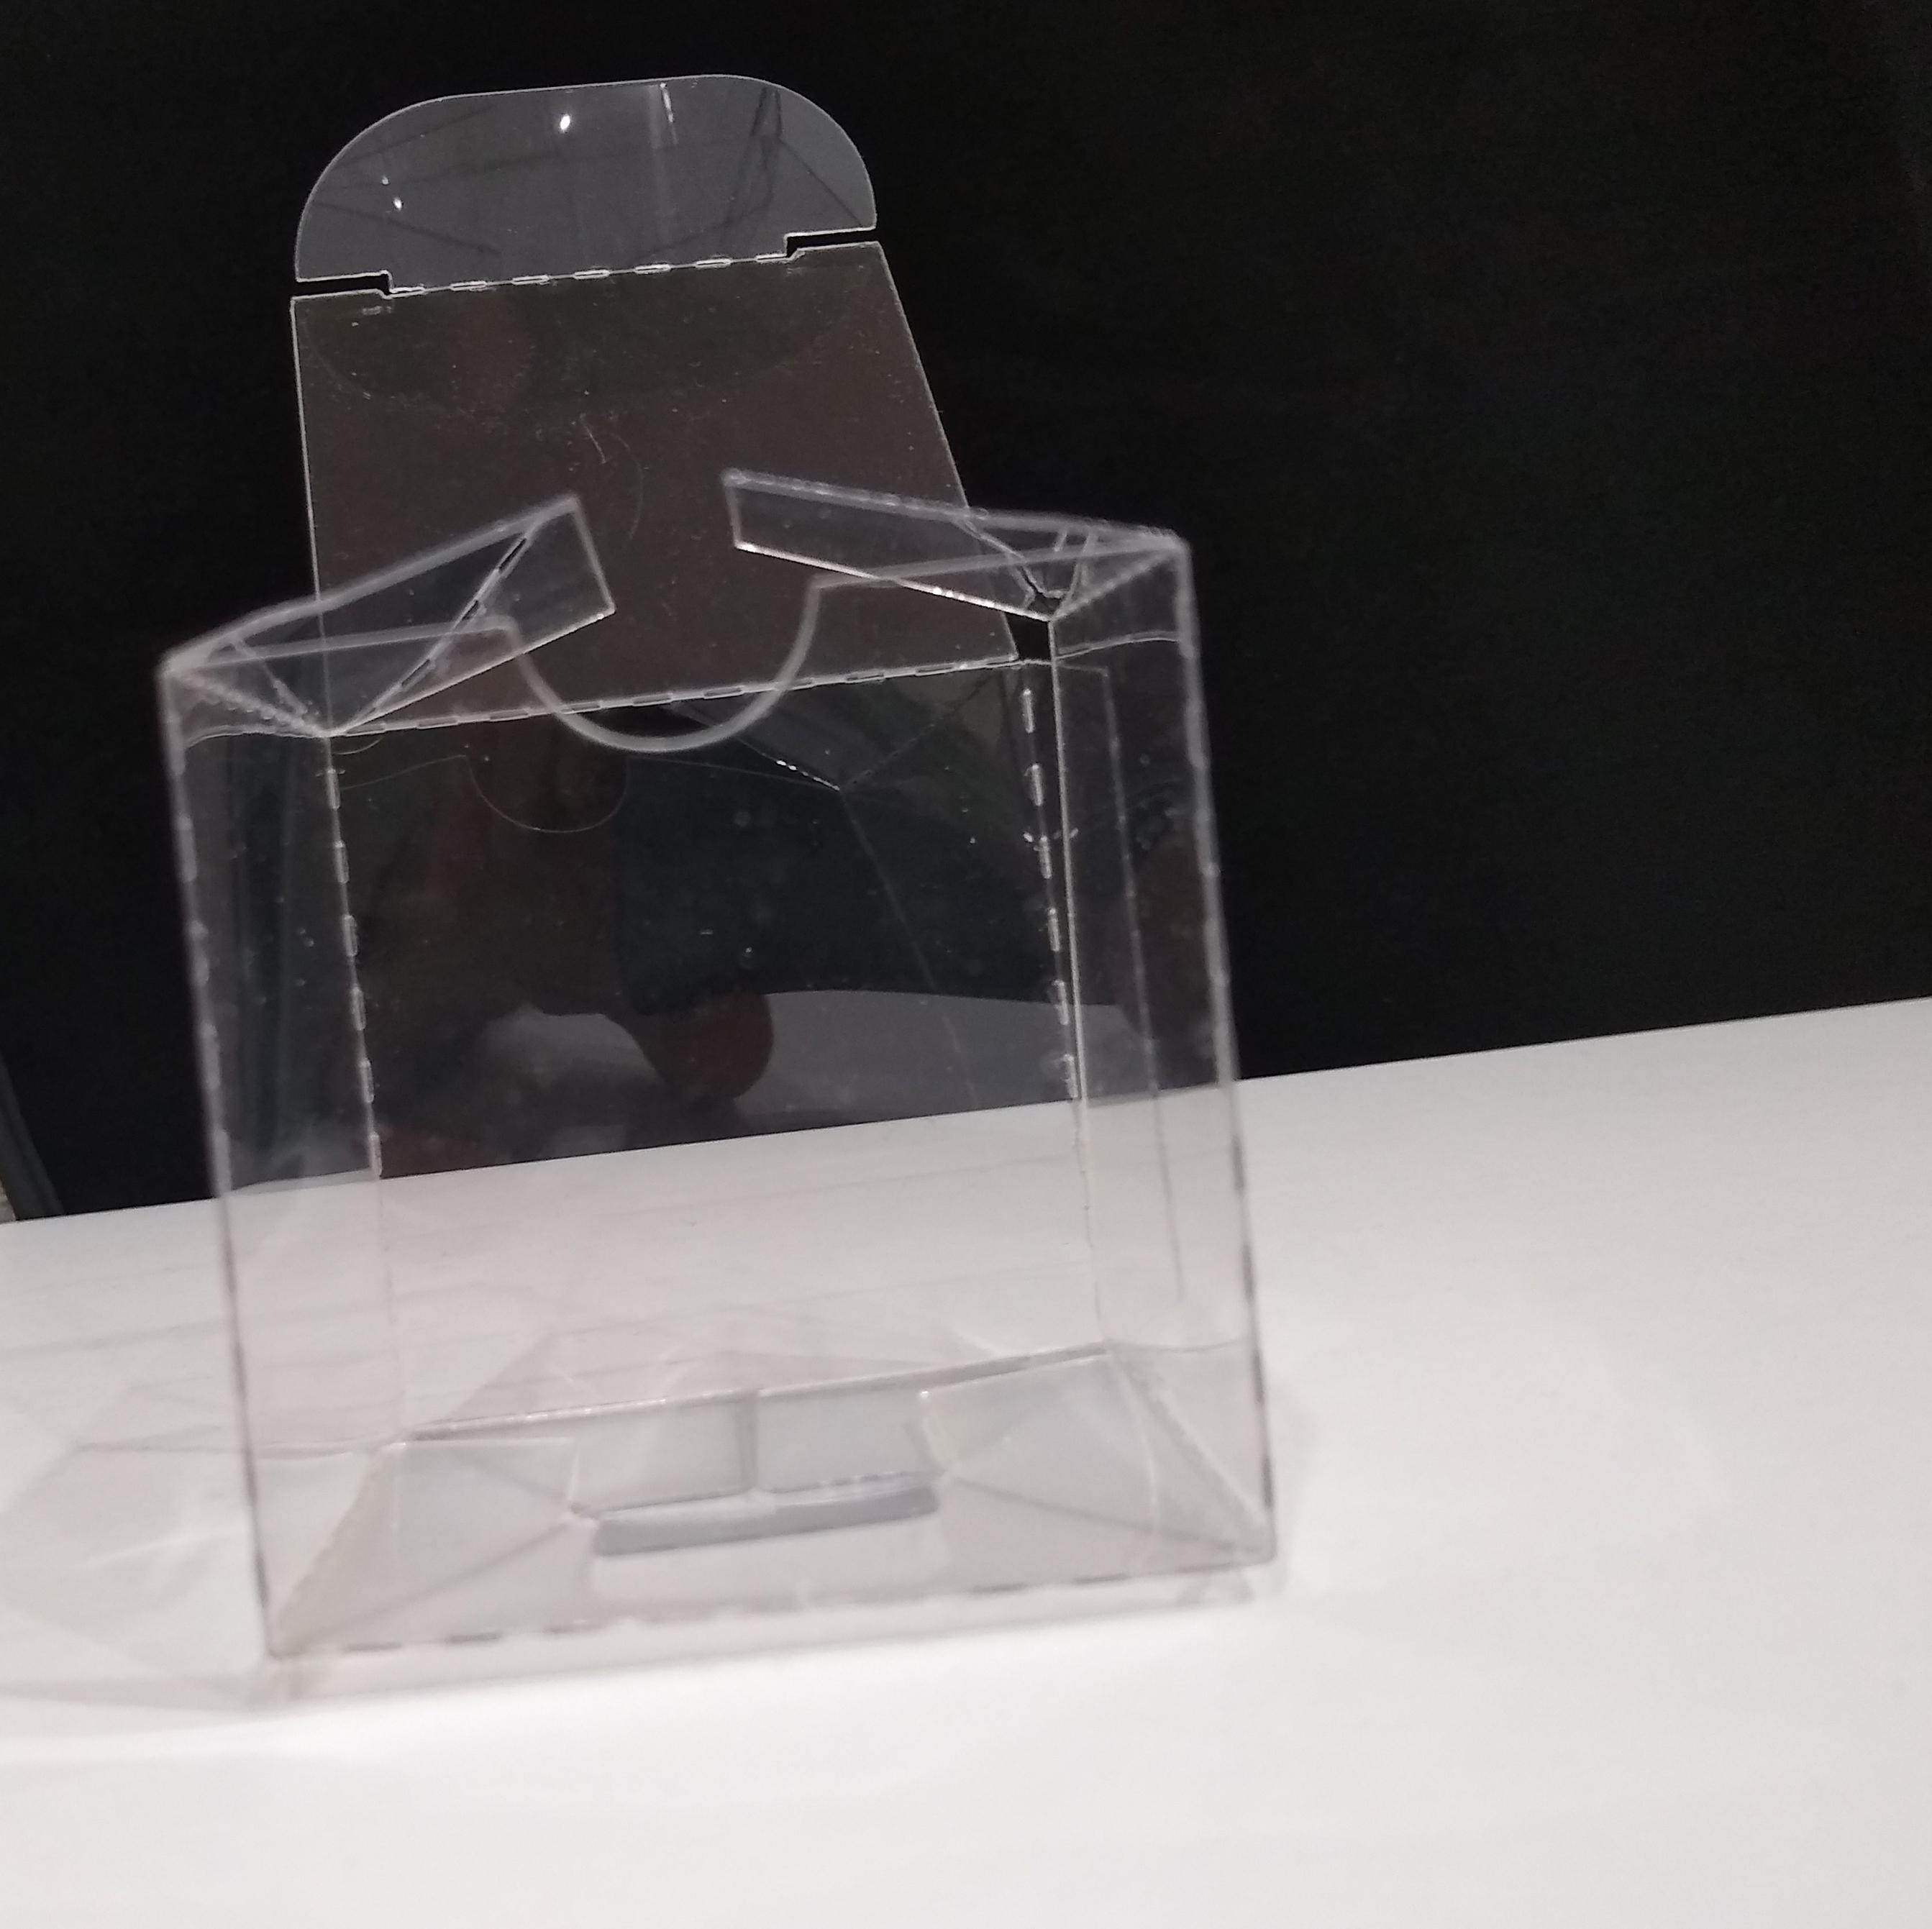 Упаковка для кубика трансформера